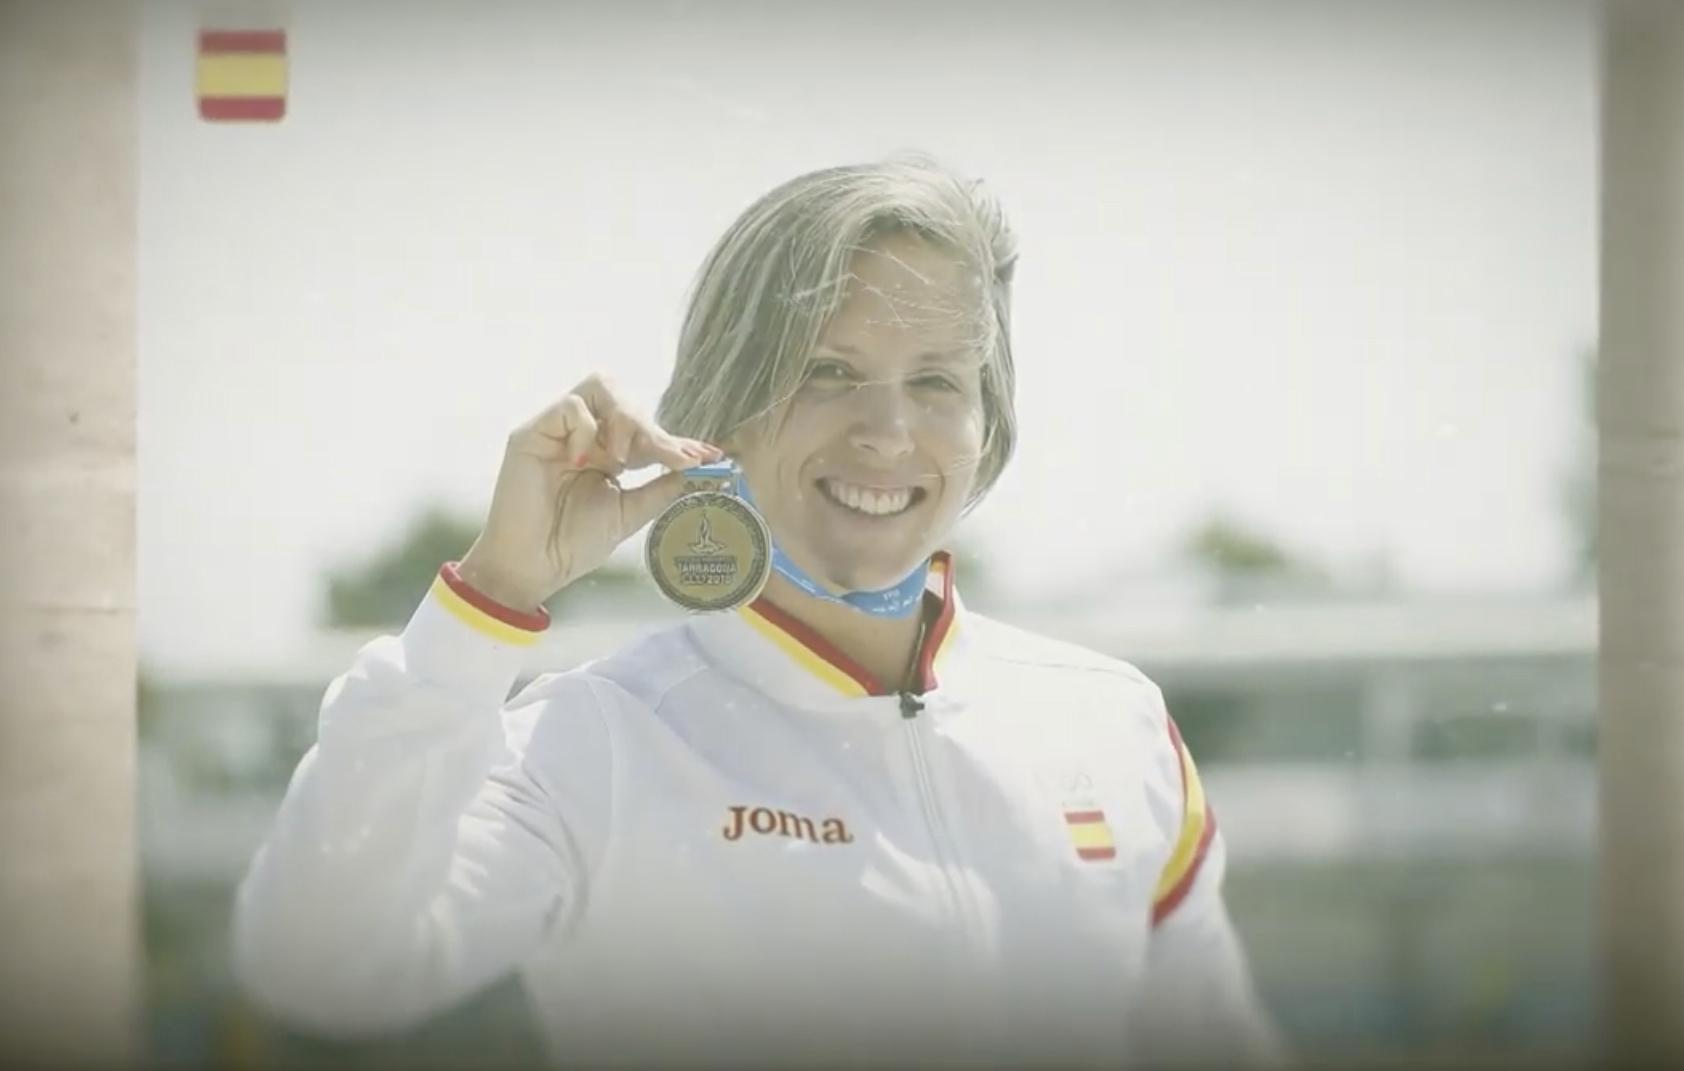 Teresa Portela disputó sus primeros JJOO con 18 años (Sidney 2000), dos décadas más tarde solo una pandemia podía impedir que Teresa Portela se convirtiera en la primera deportista española en participar en 6 JJOO.